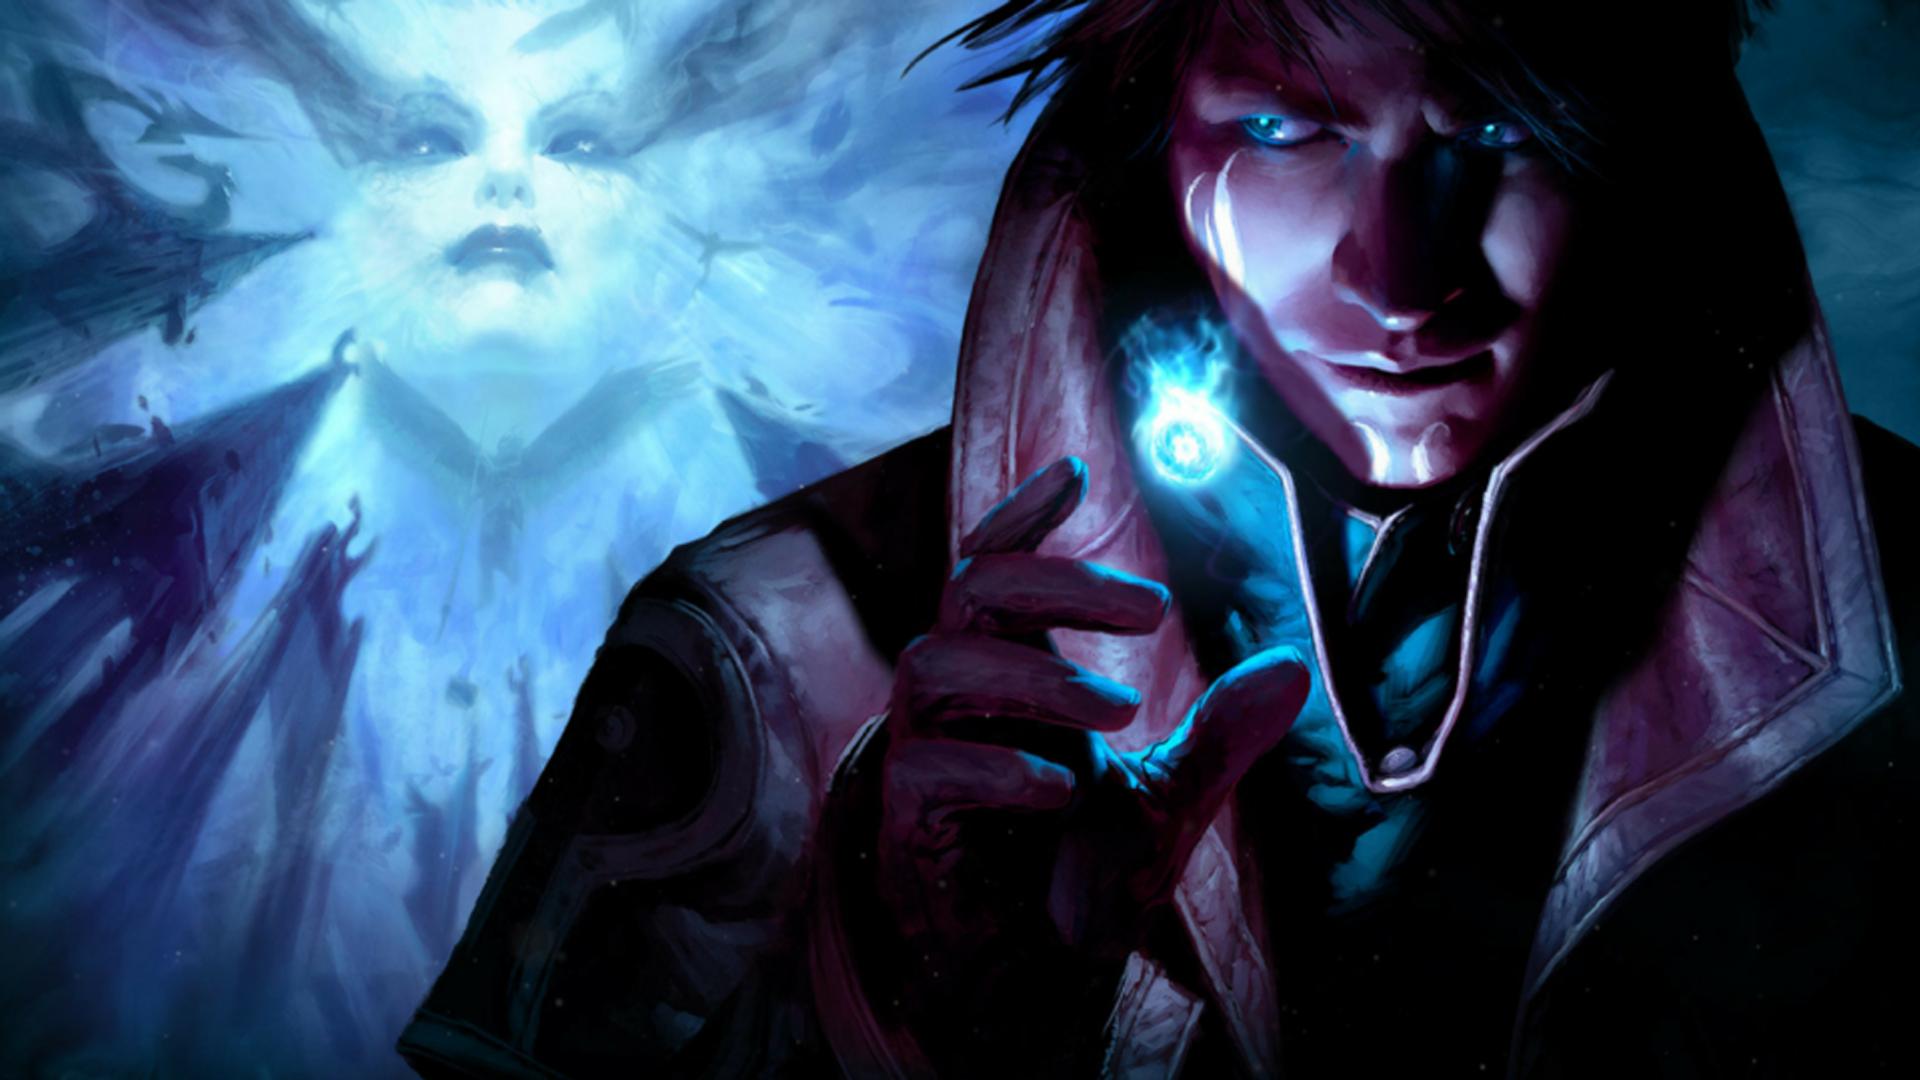 Dungeons & Dragons warlock.